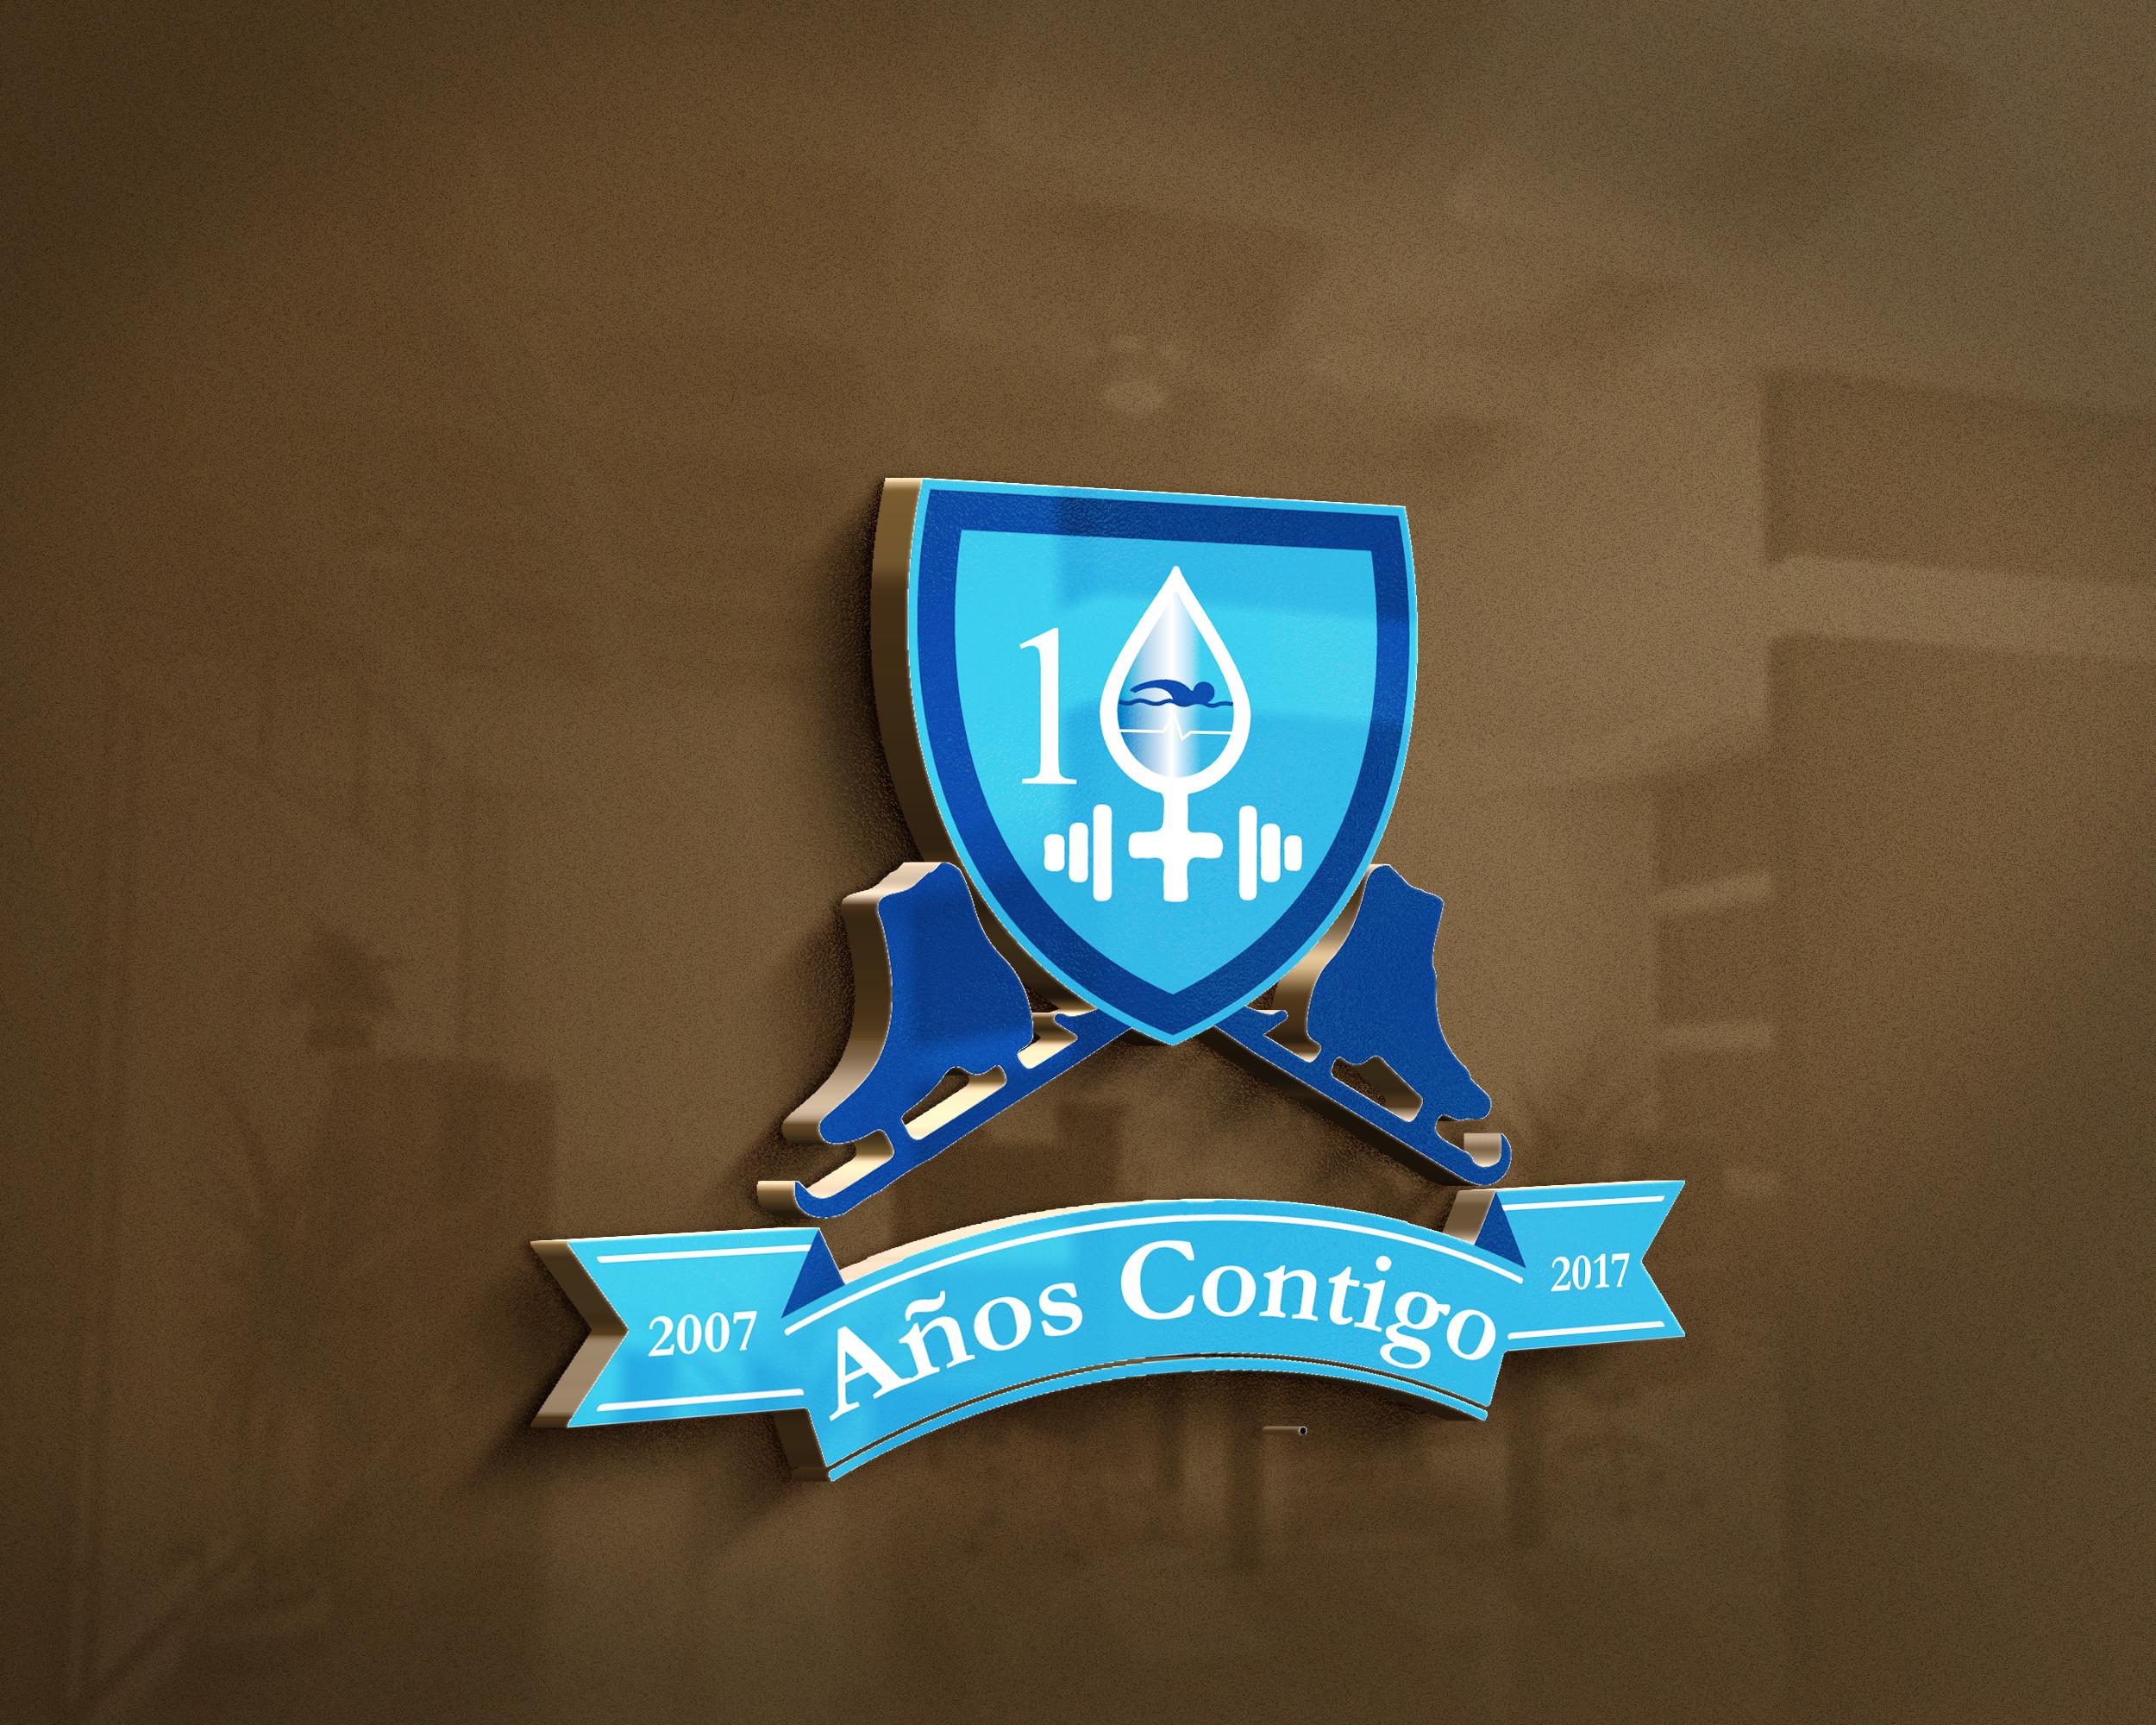 Design high quality 2 professional logos